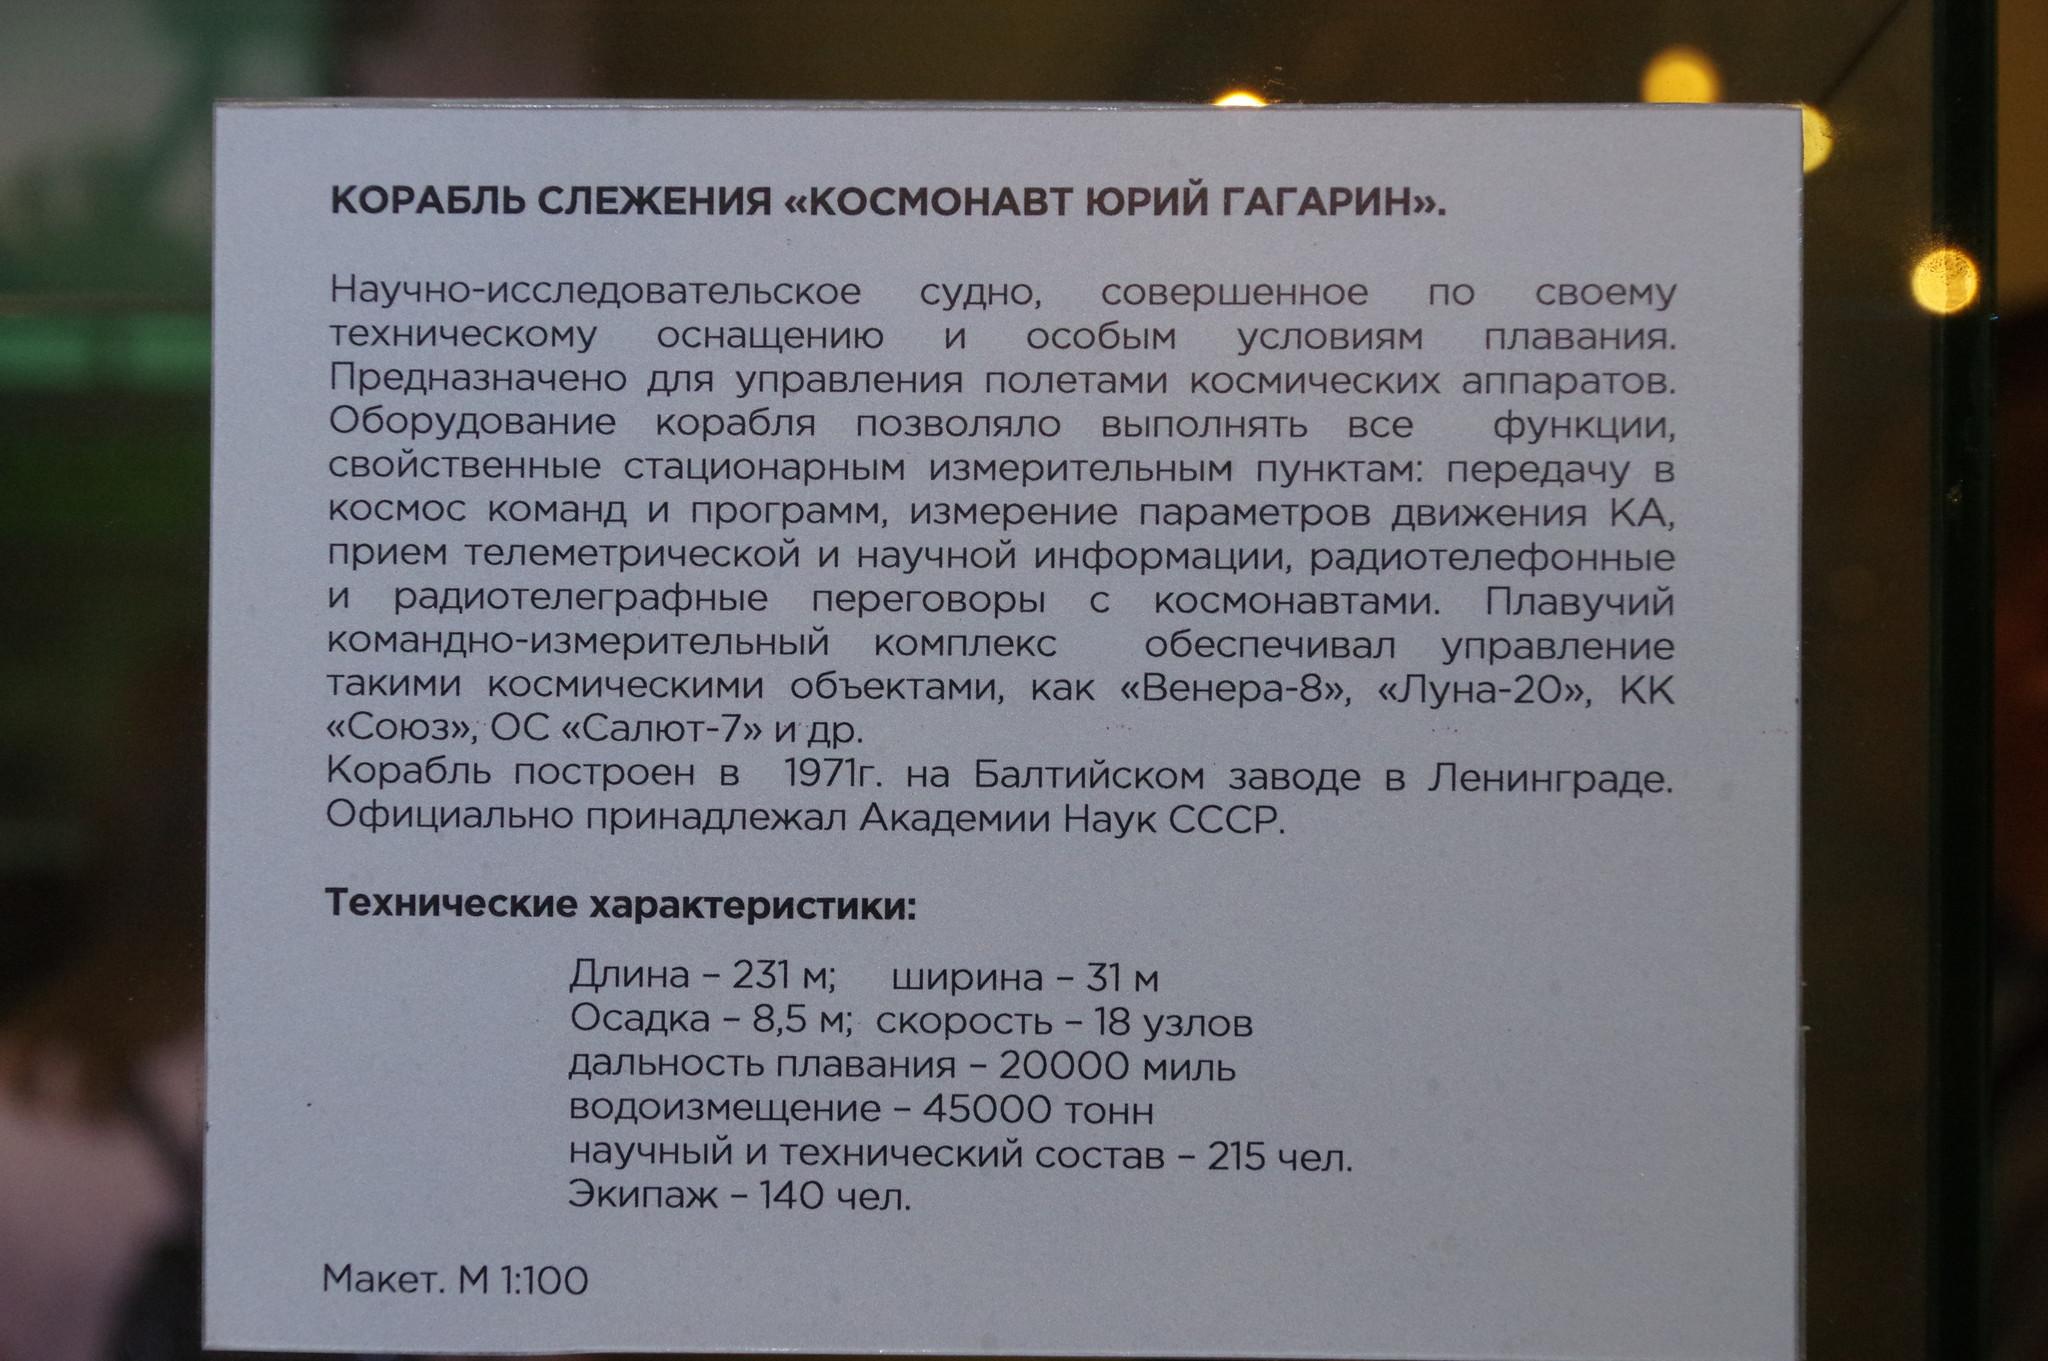 Корабль слежения «Космонавт Юрий Гагарин». Макет. М 1:100. Мемориальный музей космонавтики (Проспект мира, дом 111)